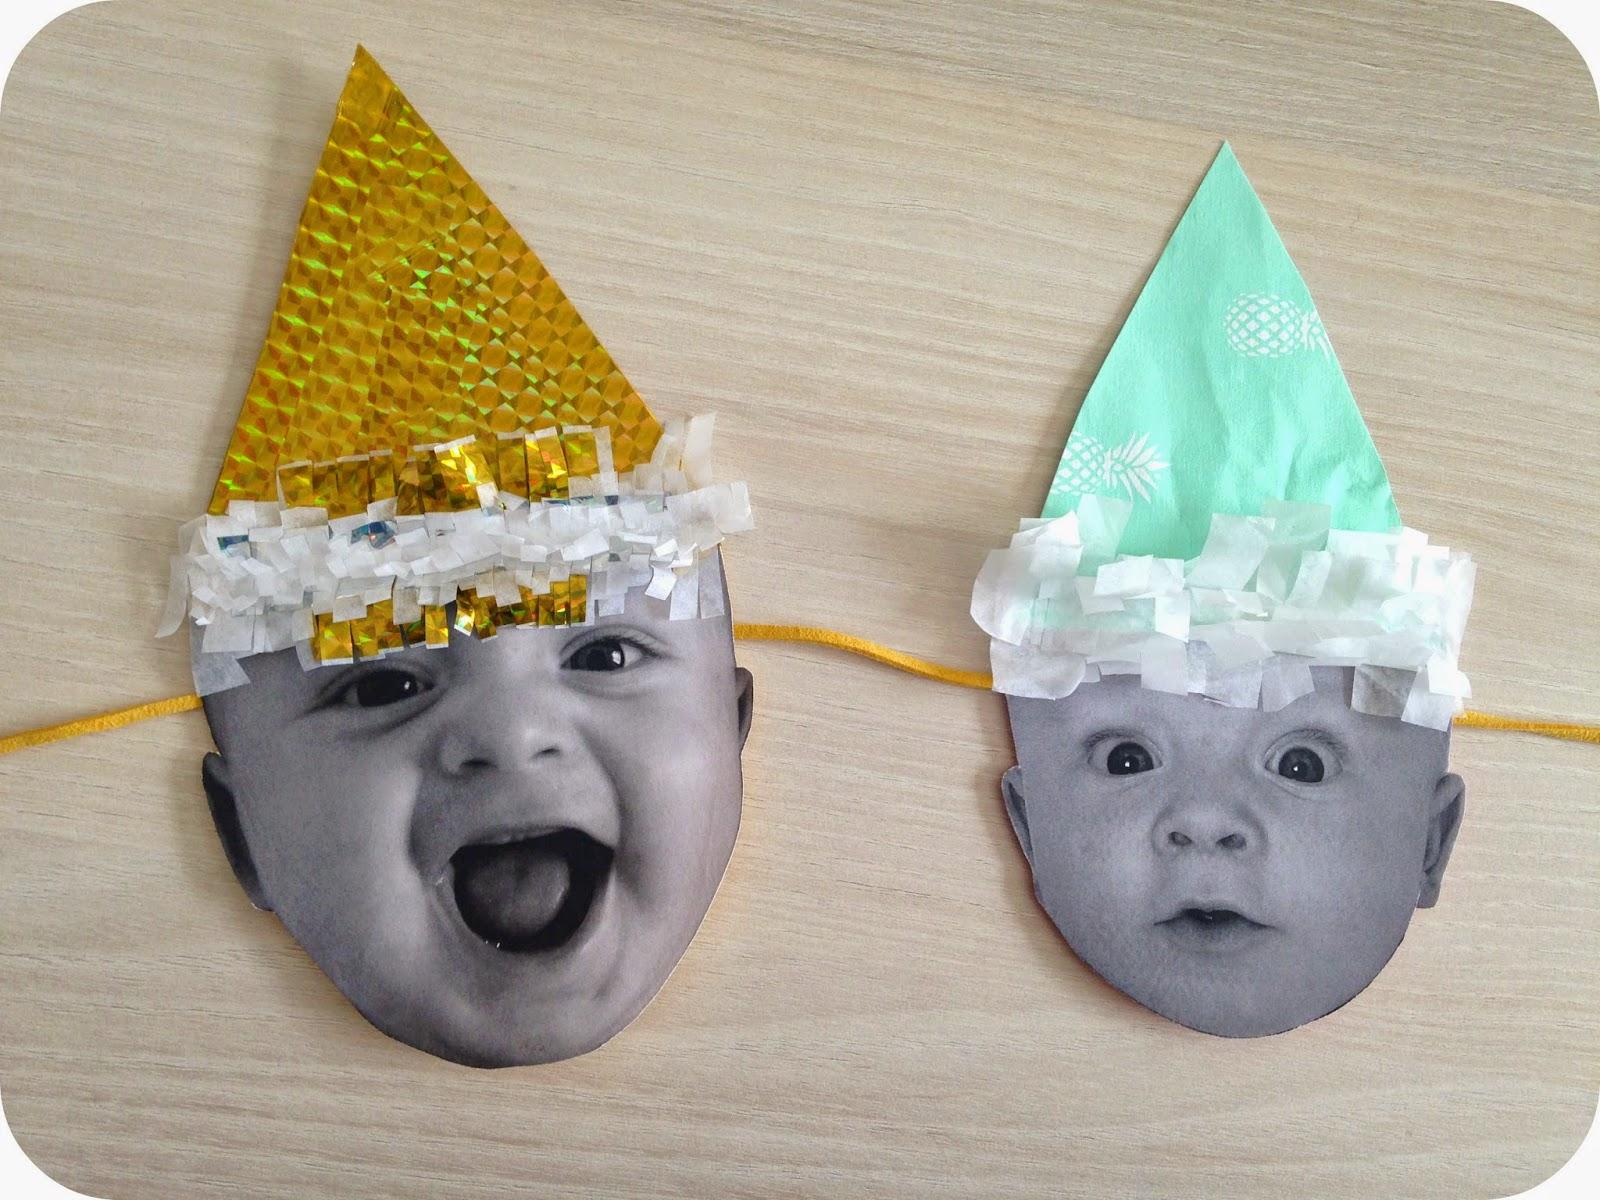 idée de diy pour décoration anniversaire bébé woody-beauty